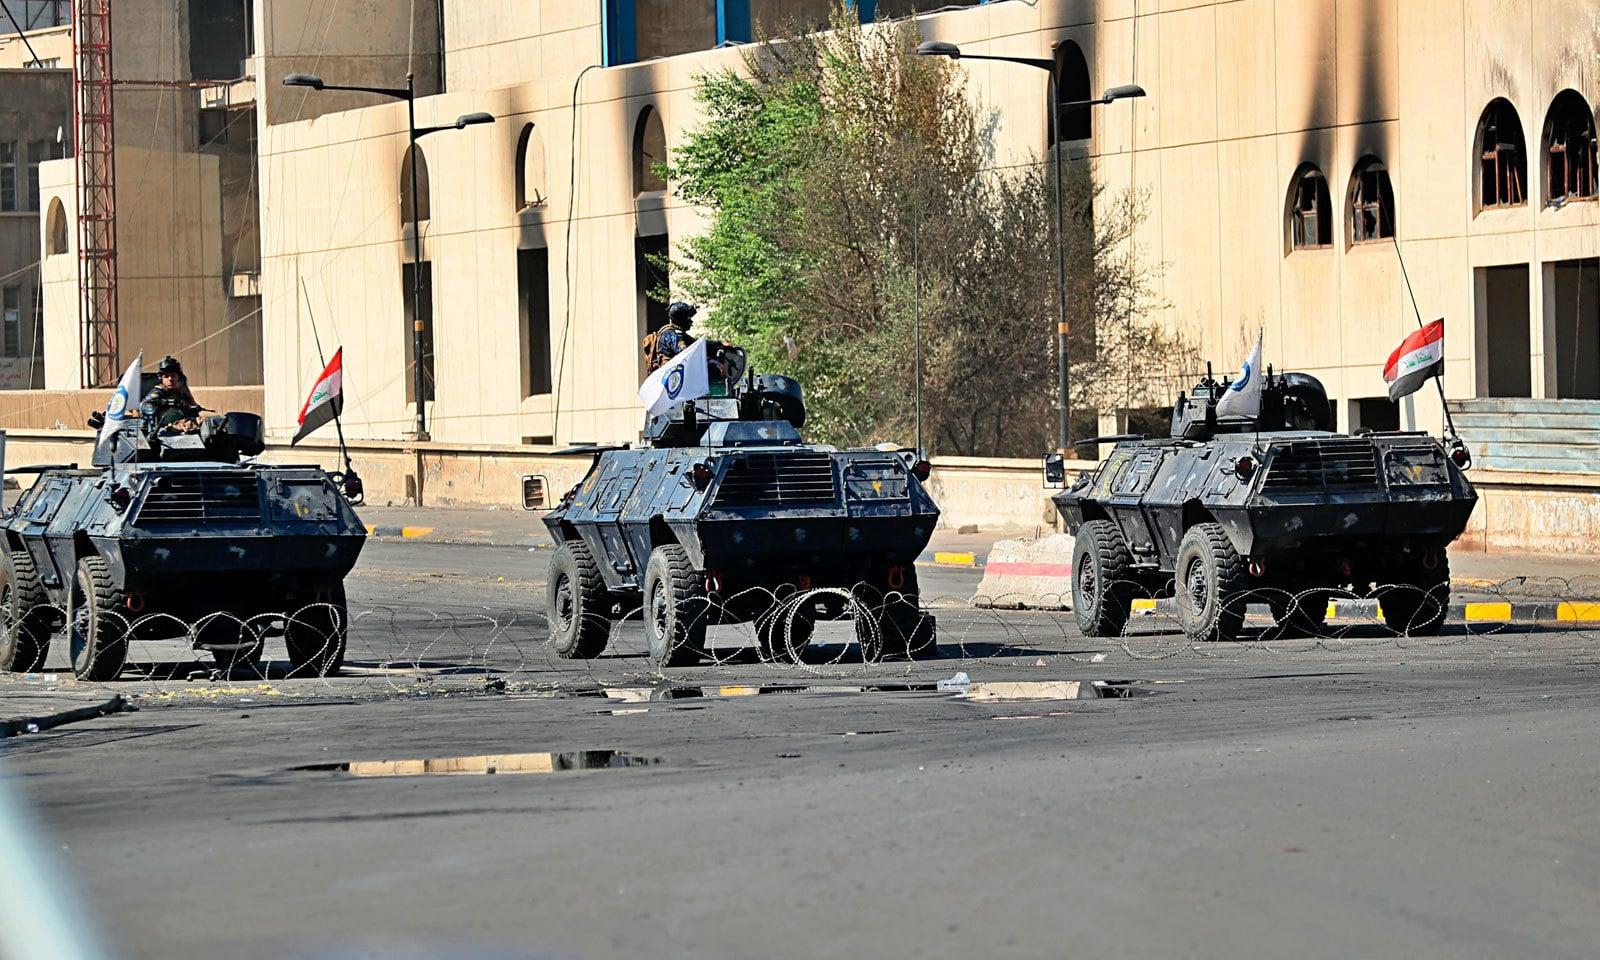 بغداد کے تحریر اسکوائر پر مظاہرین کو آگے بڑھنے سے روکنے کیلئے سیکیورٹی فورسز نے سڑک بند کر رکھی ہے — فوٹو: اے پی